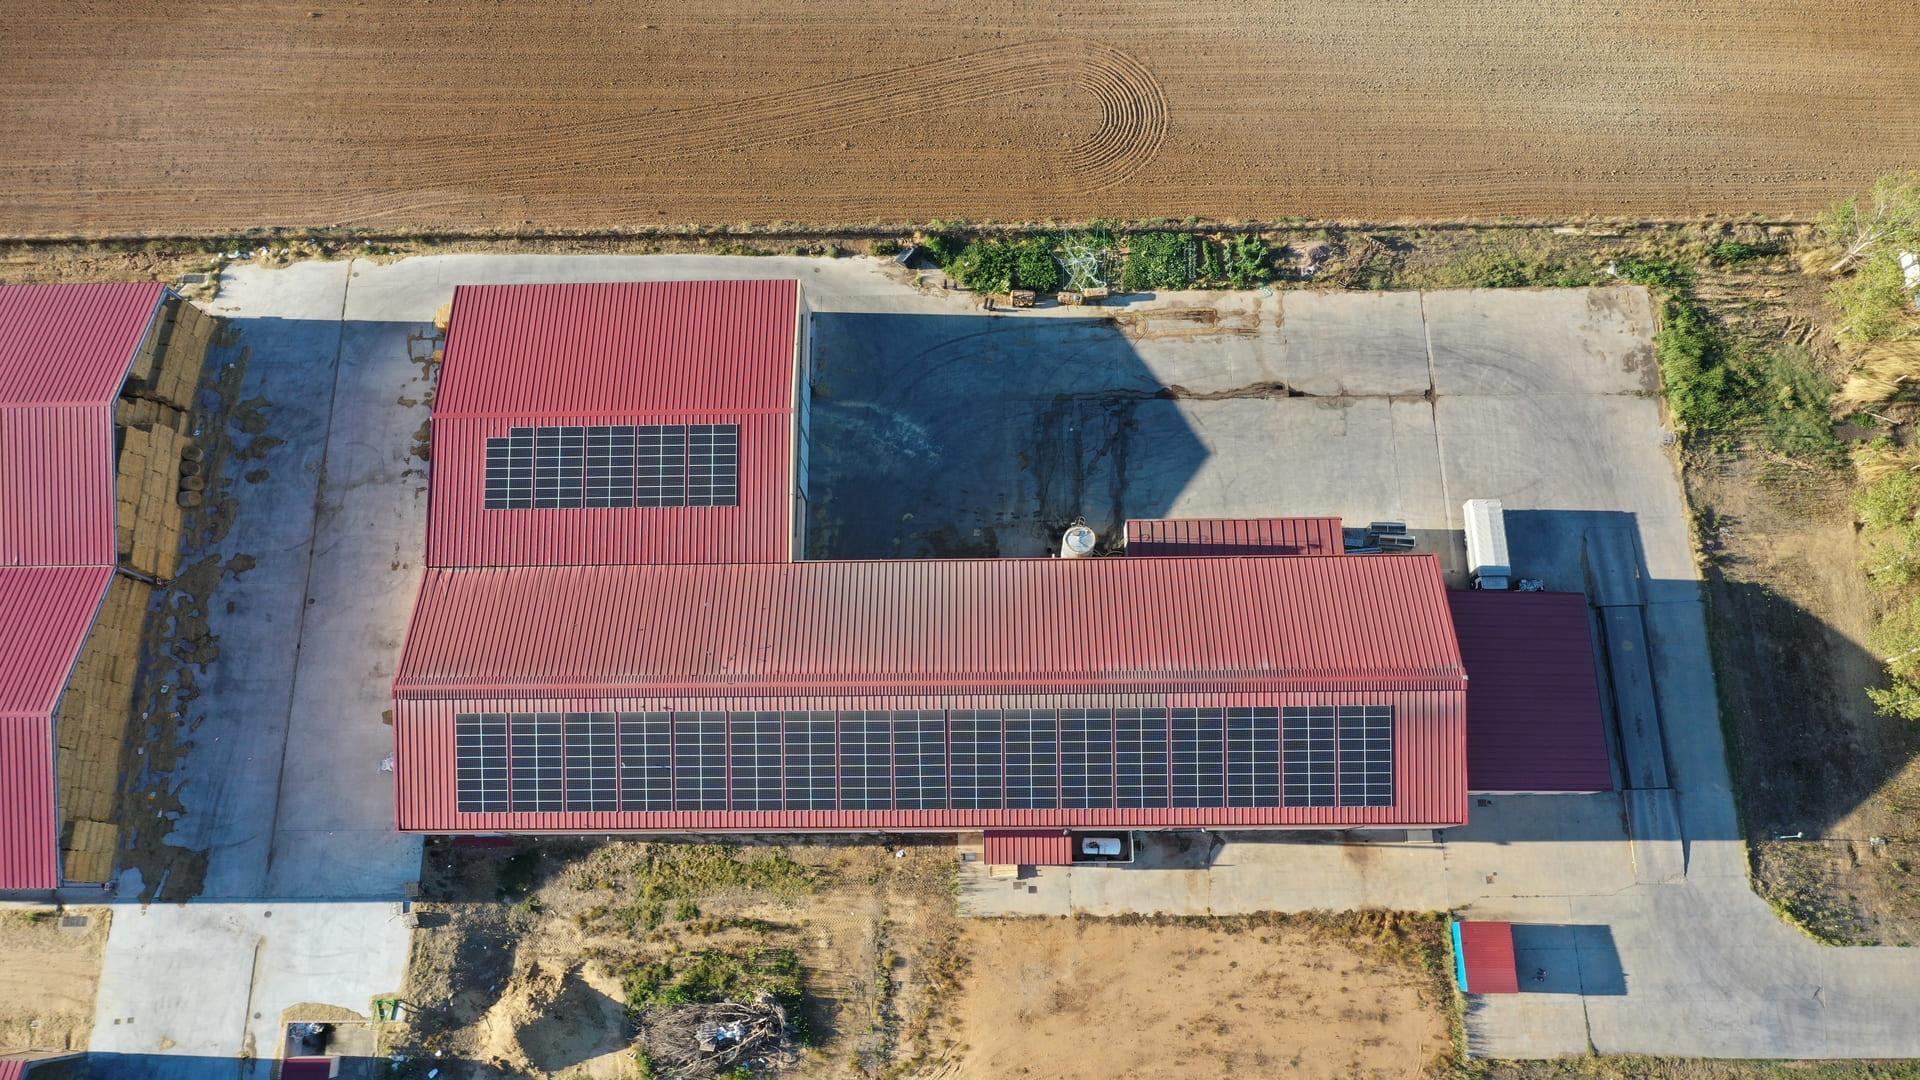 Instalación de autoconsumo fotovoltaico en Cooperativa de Valmoro | Eidf Solar